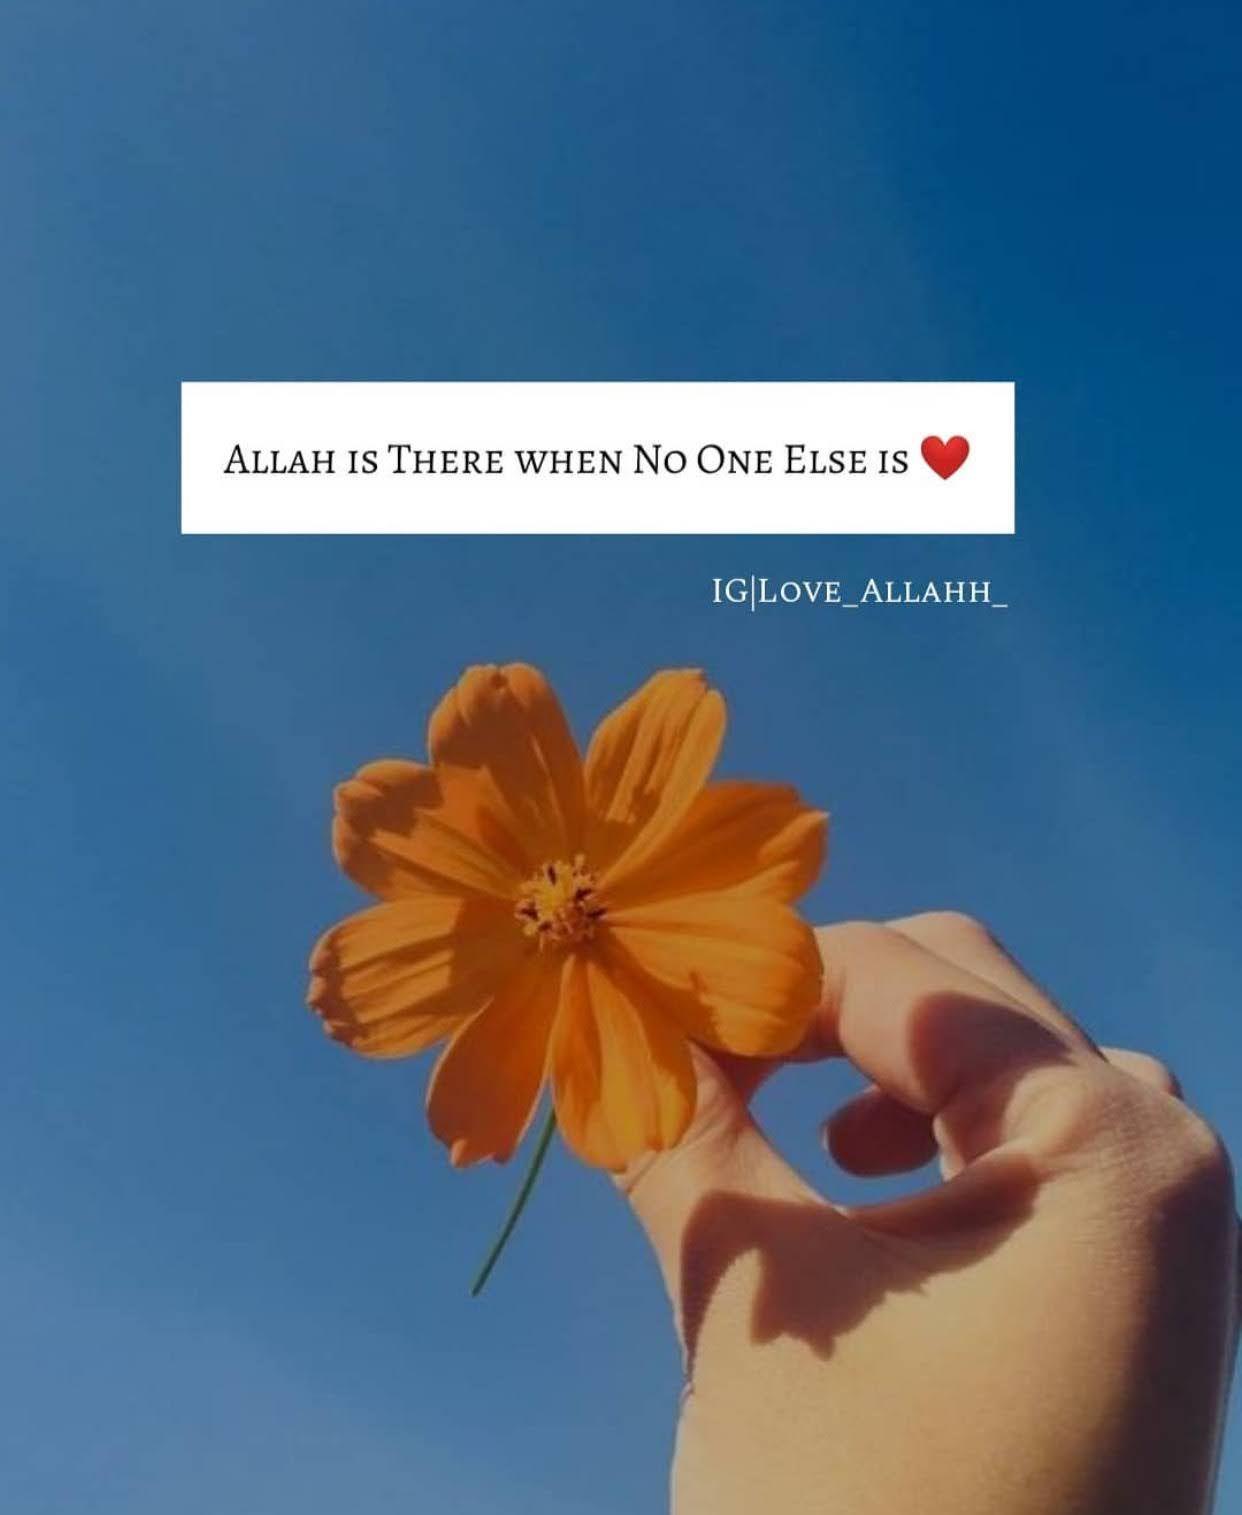 Schöne islamische Zitate für Frauen in 3  Woman quotes